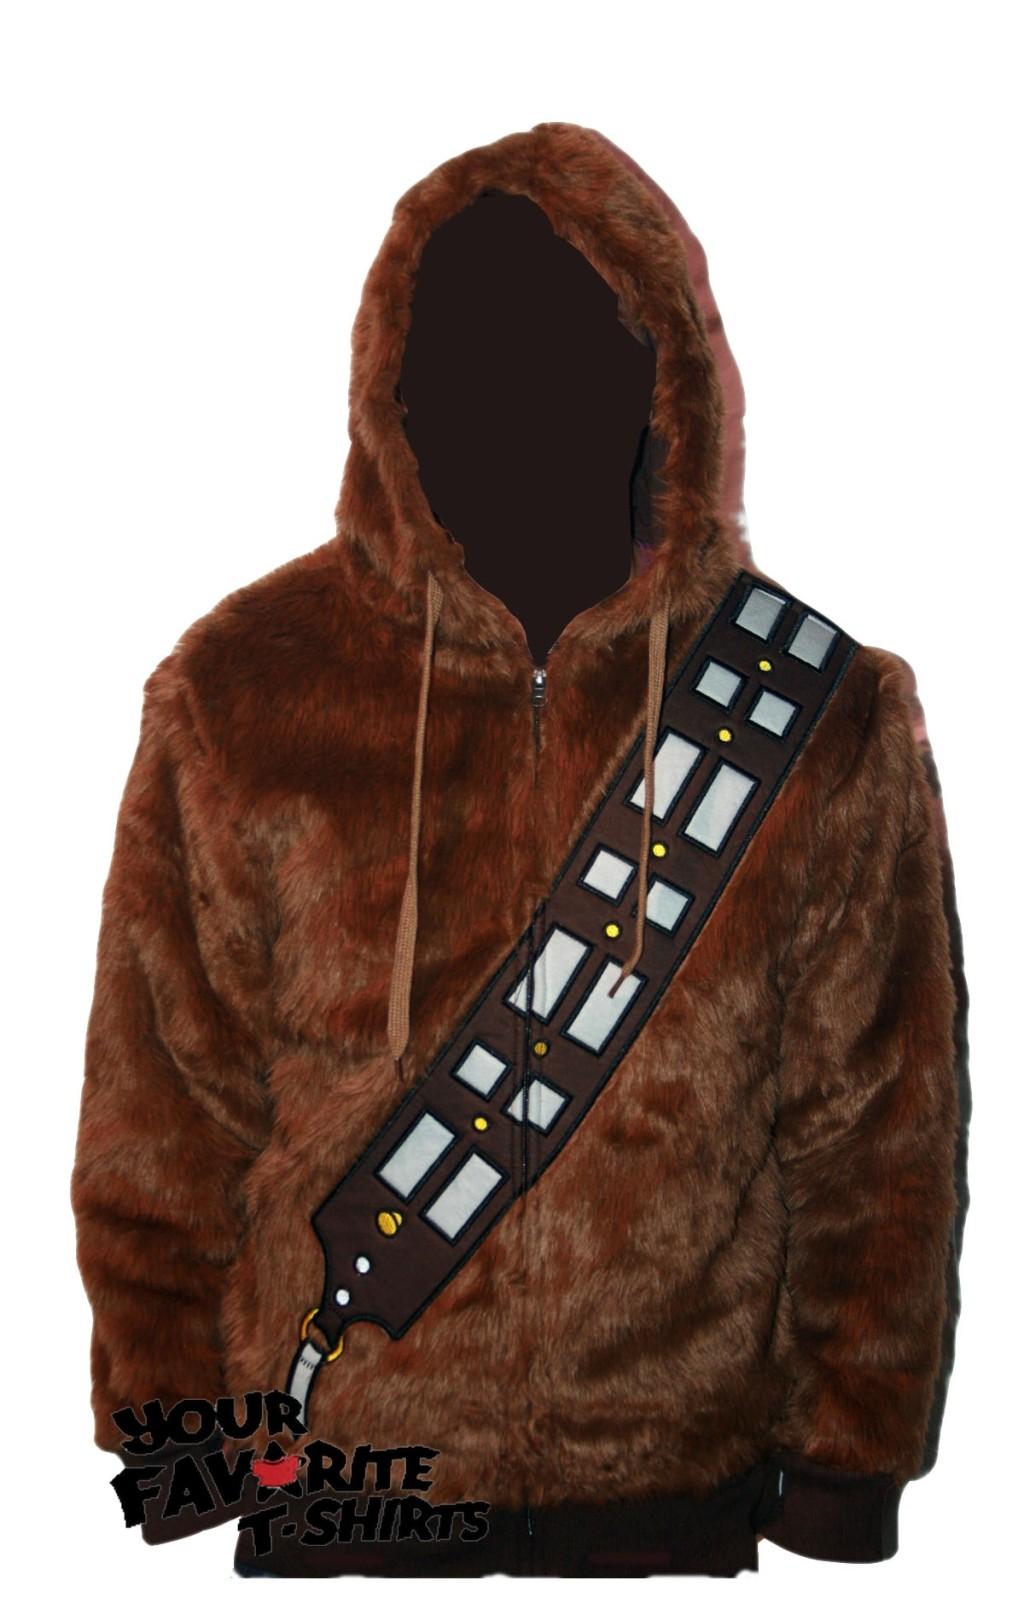 Chewbacca Costume Zip Up Hoodie